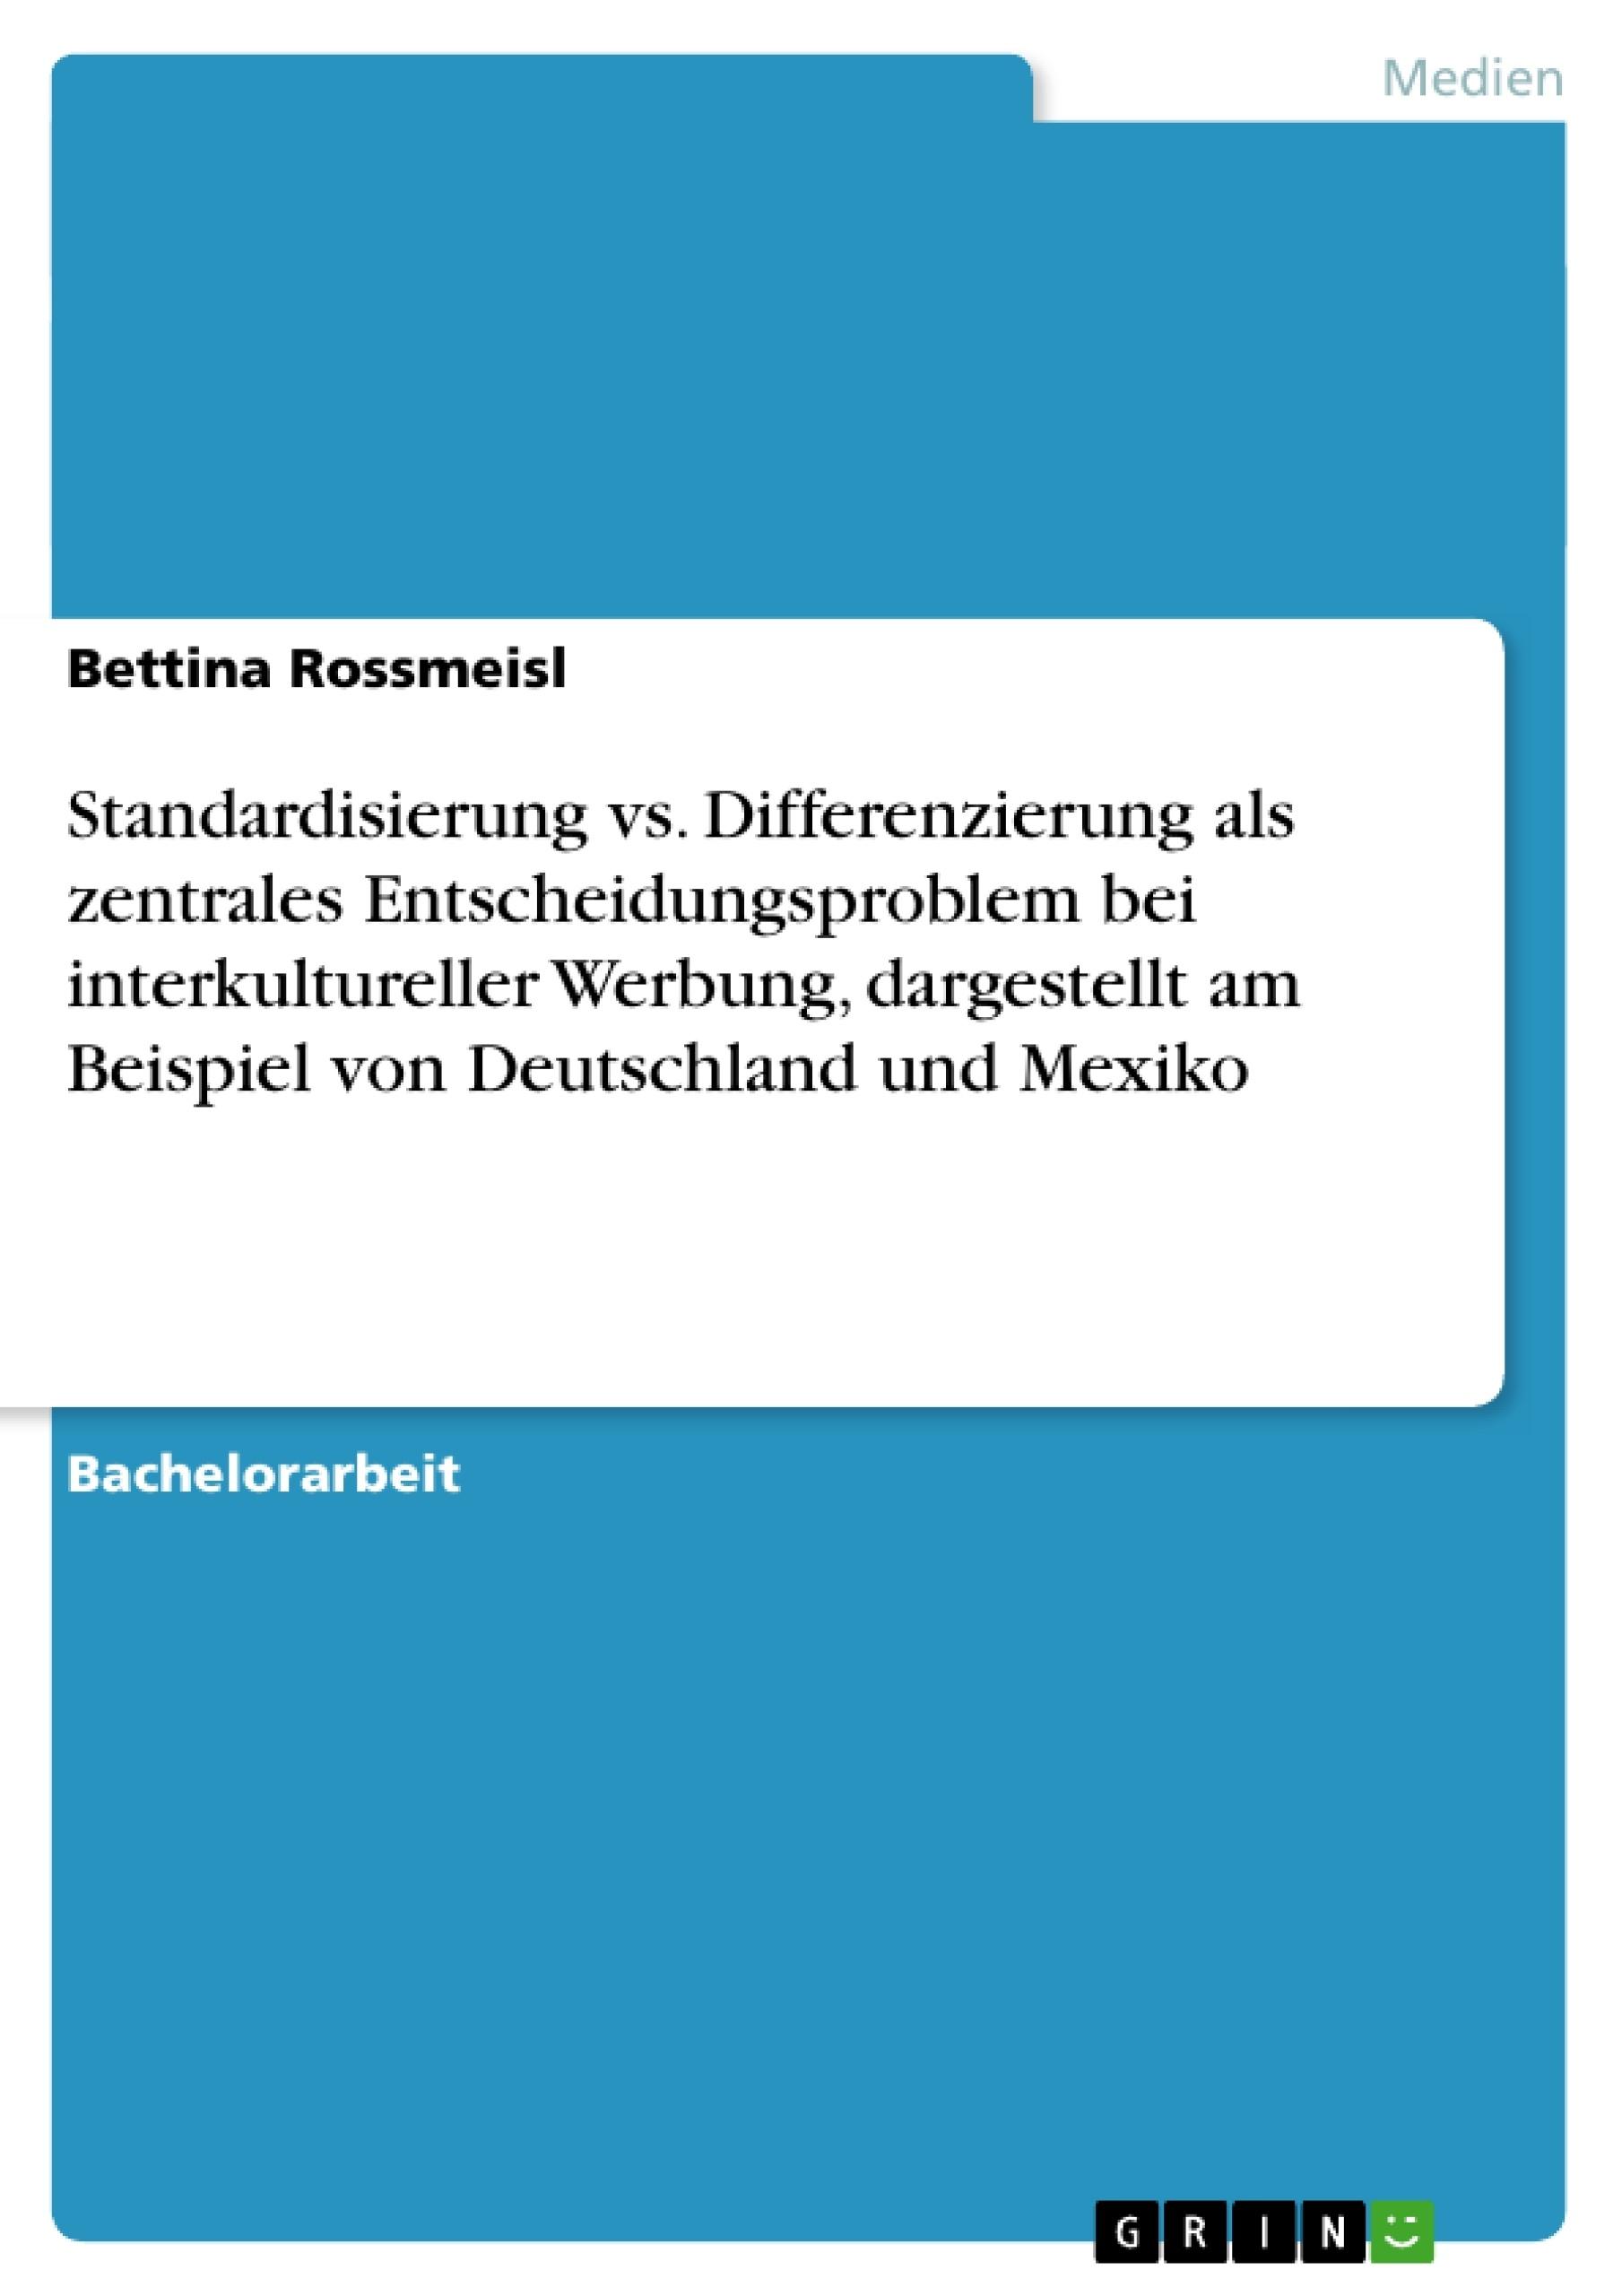 Titel: Standardisierung vs. Differenzierung als zentrales Entscheidungsproblem bei interkultureller Werbung, dargestellt am Beispiel von Deutschland und Mexiko